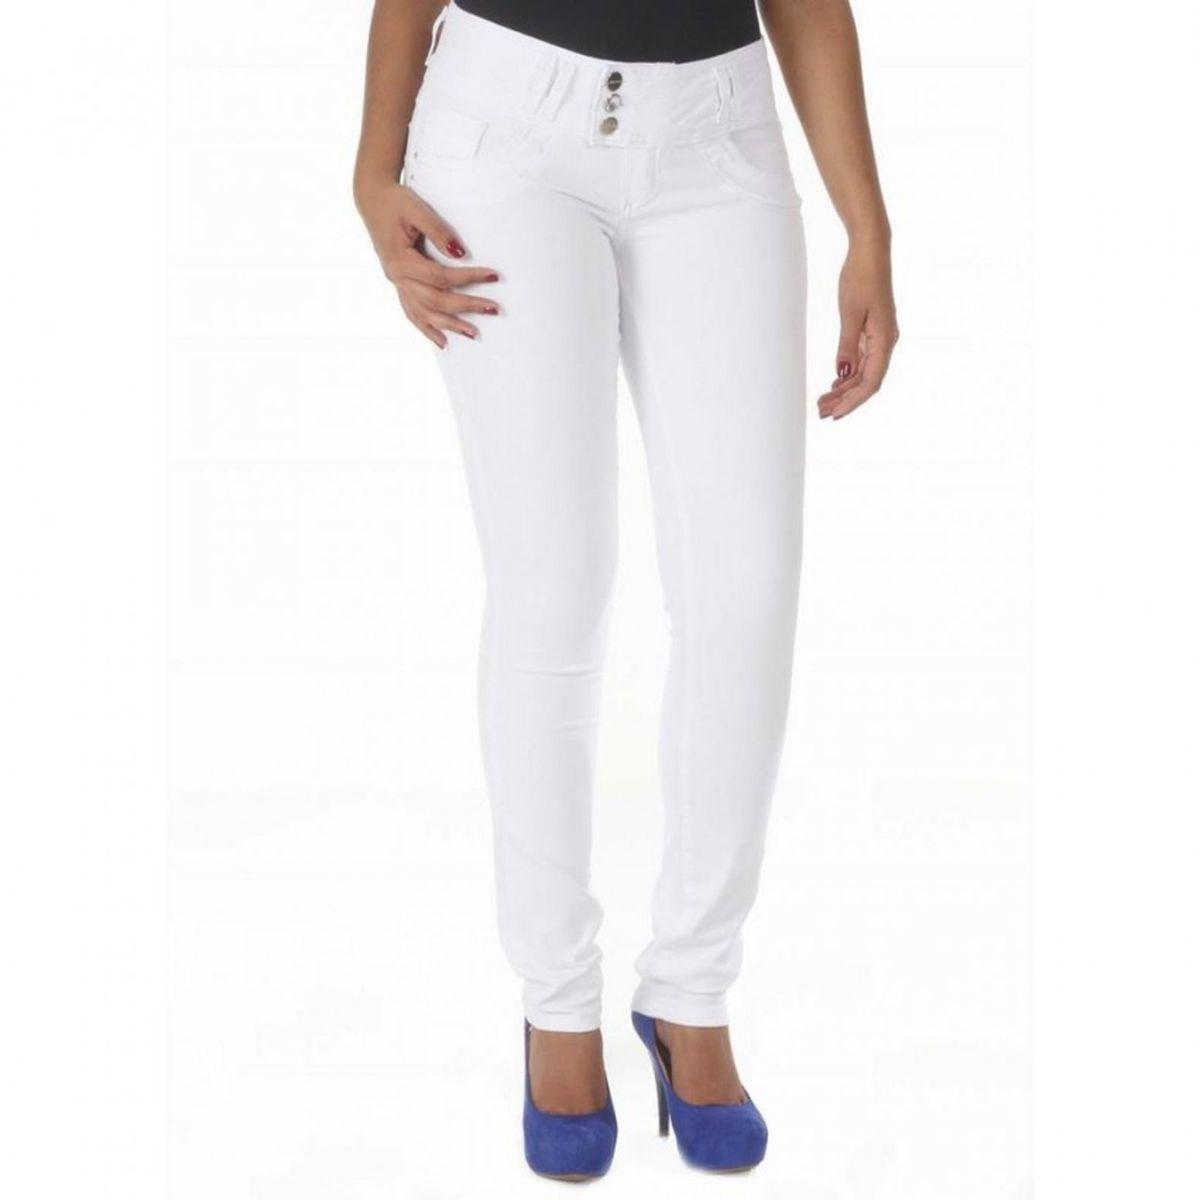 013adb039b Calça Jeans Feminina Branca Levanta Bumbum - Sawary